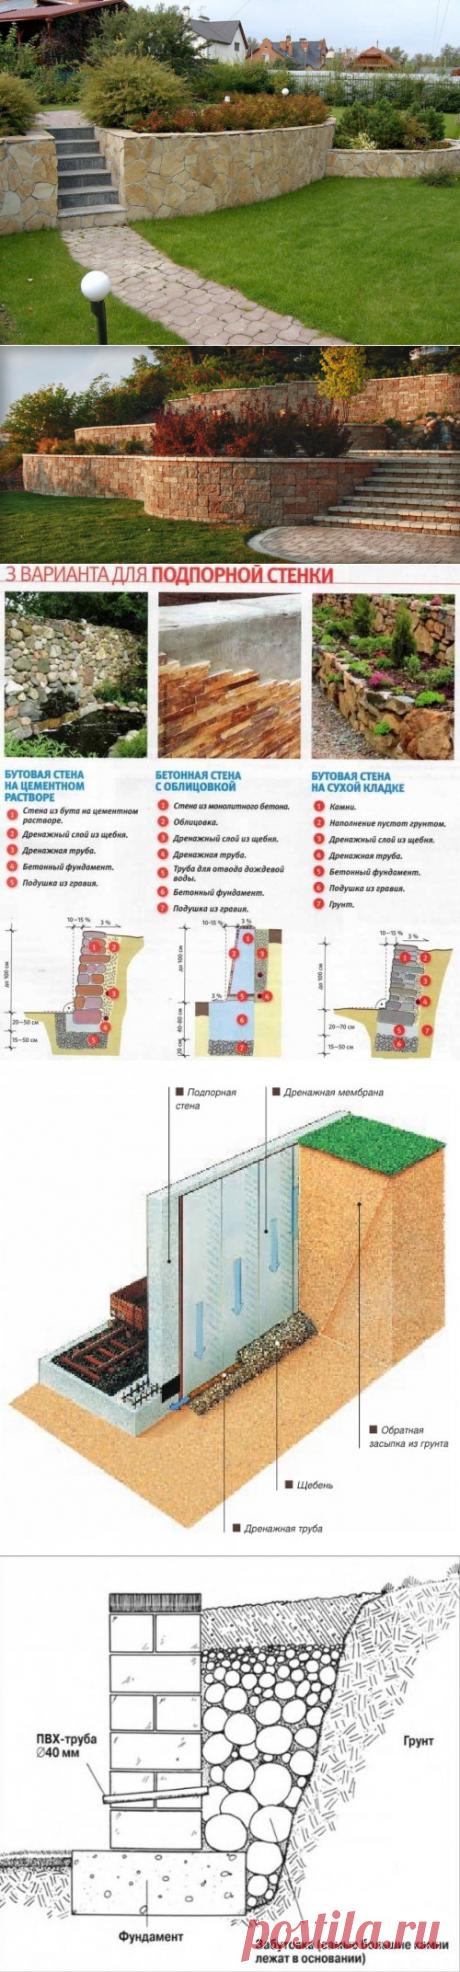 Подпорная стенка на участке с уклоном - как ее можно сделать своими руками | Дом своими руками Allremont59.ru | Яндекс Дзен